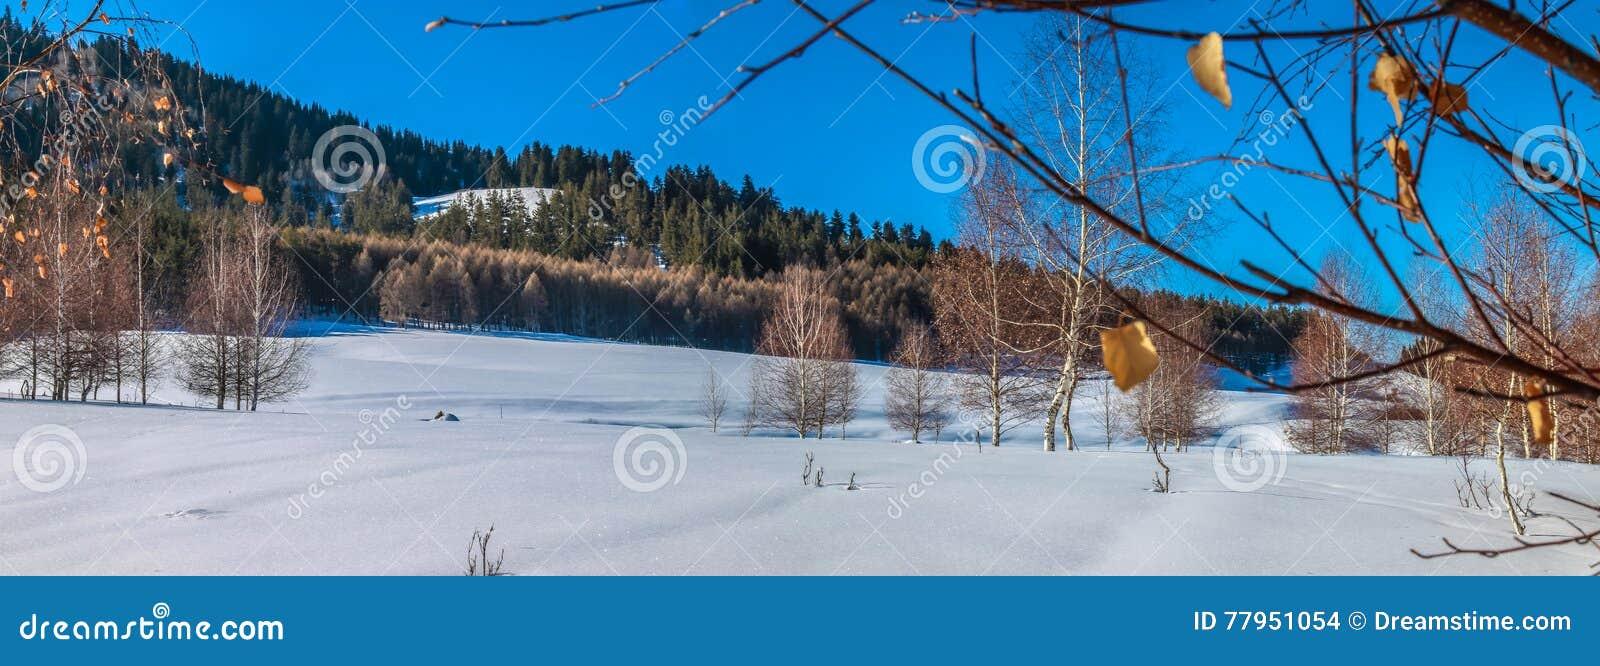 De winterbosje